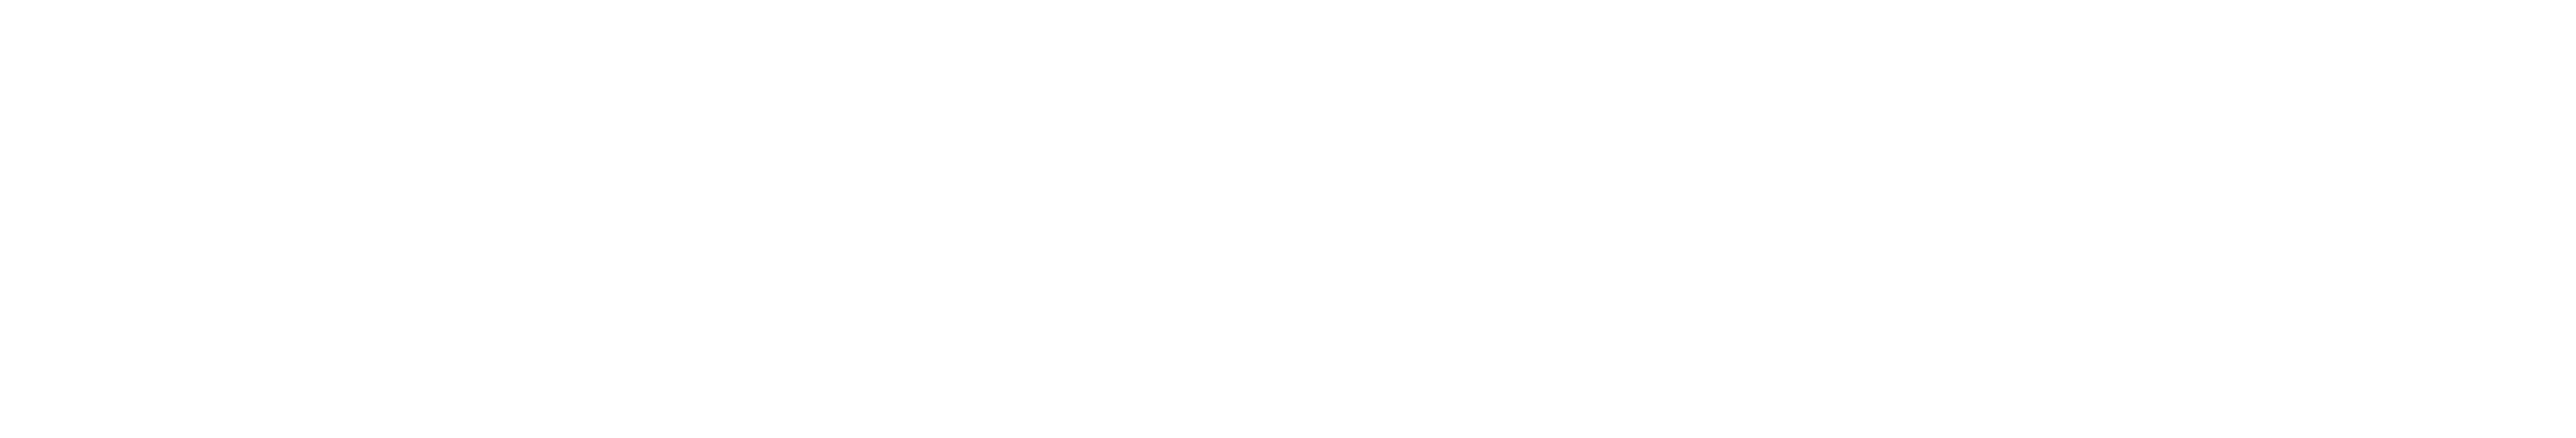 FreeTouch_logo_white